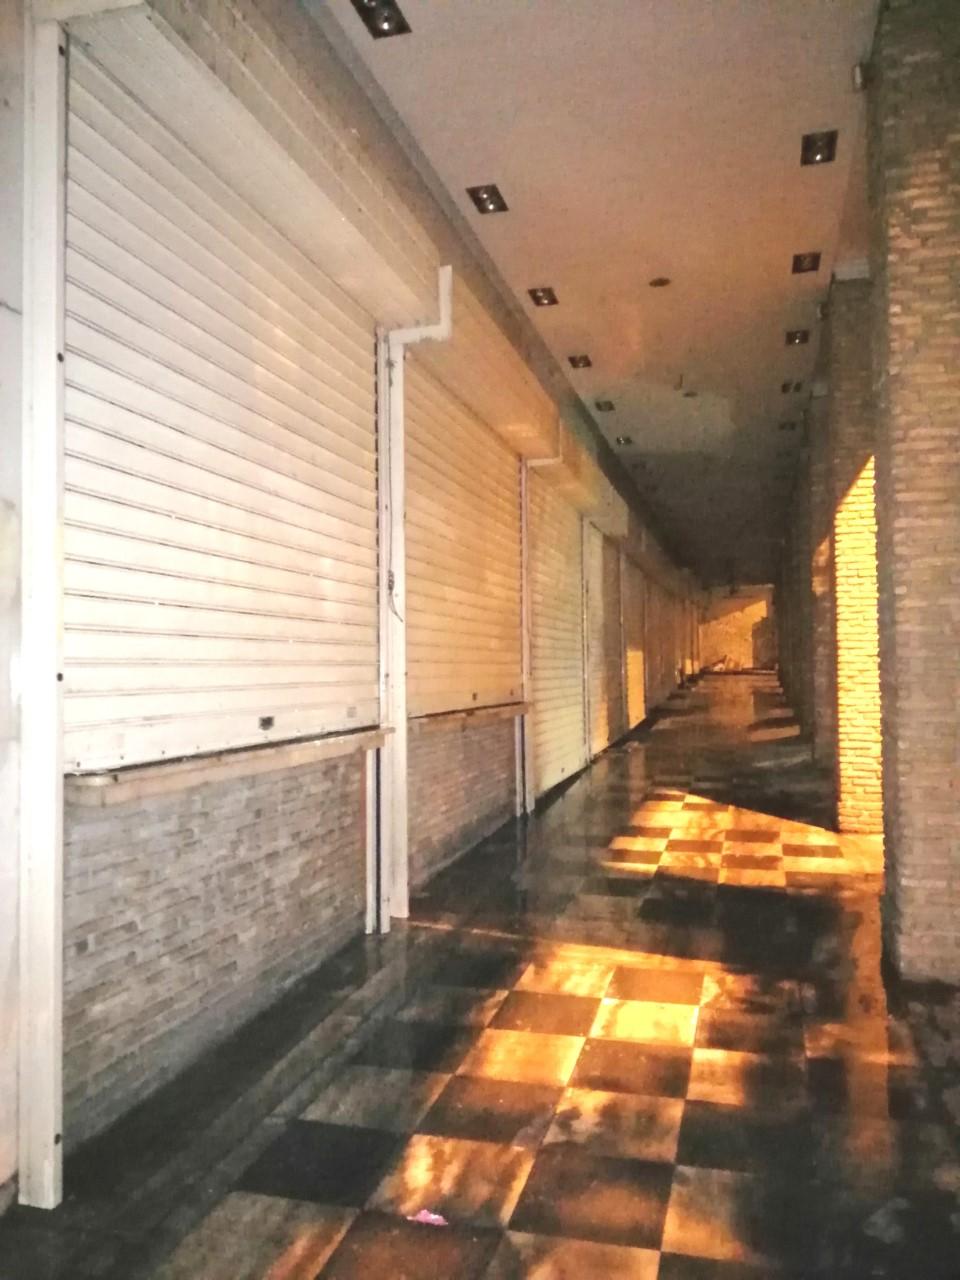 Δήμος Αθηναίων: Επιχείρηση αντιγκράφιτι στο κέντρο -Ελαμψαν μάρμαρα, τοίχοι, περίπτερα, ρολά καταστημάτων [εικόνες]